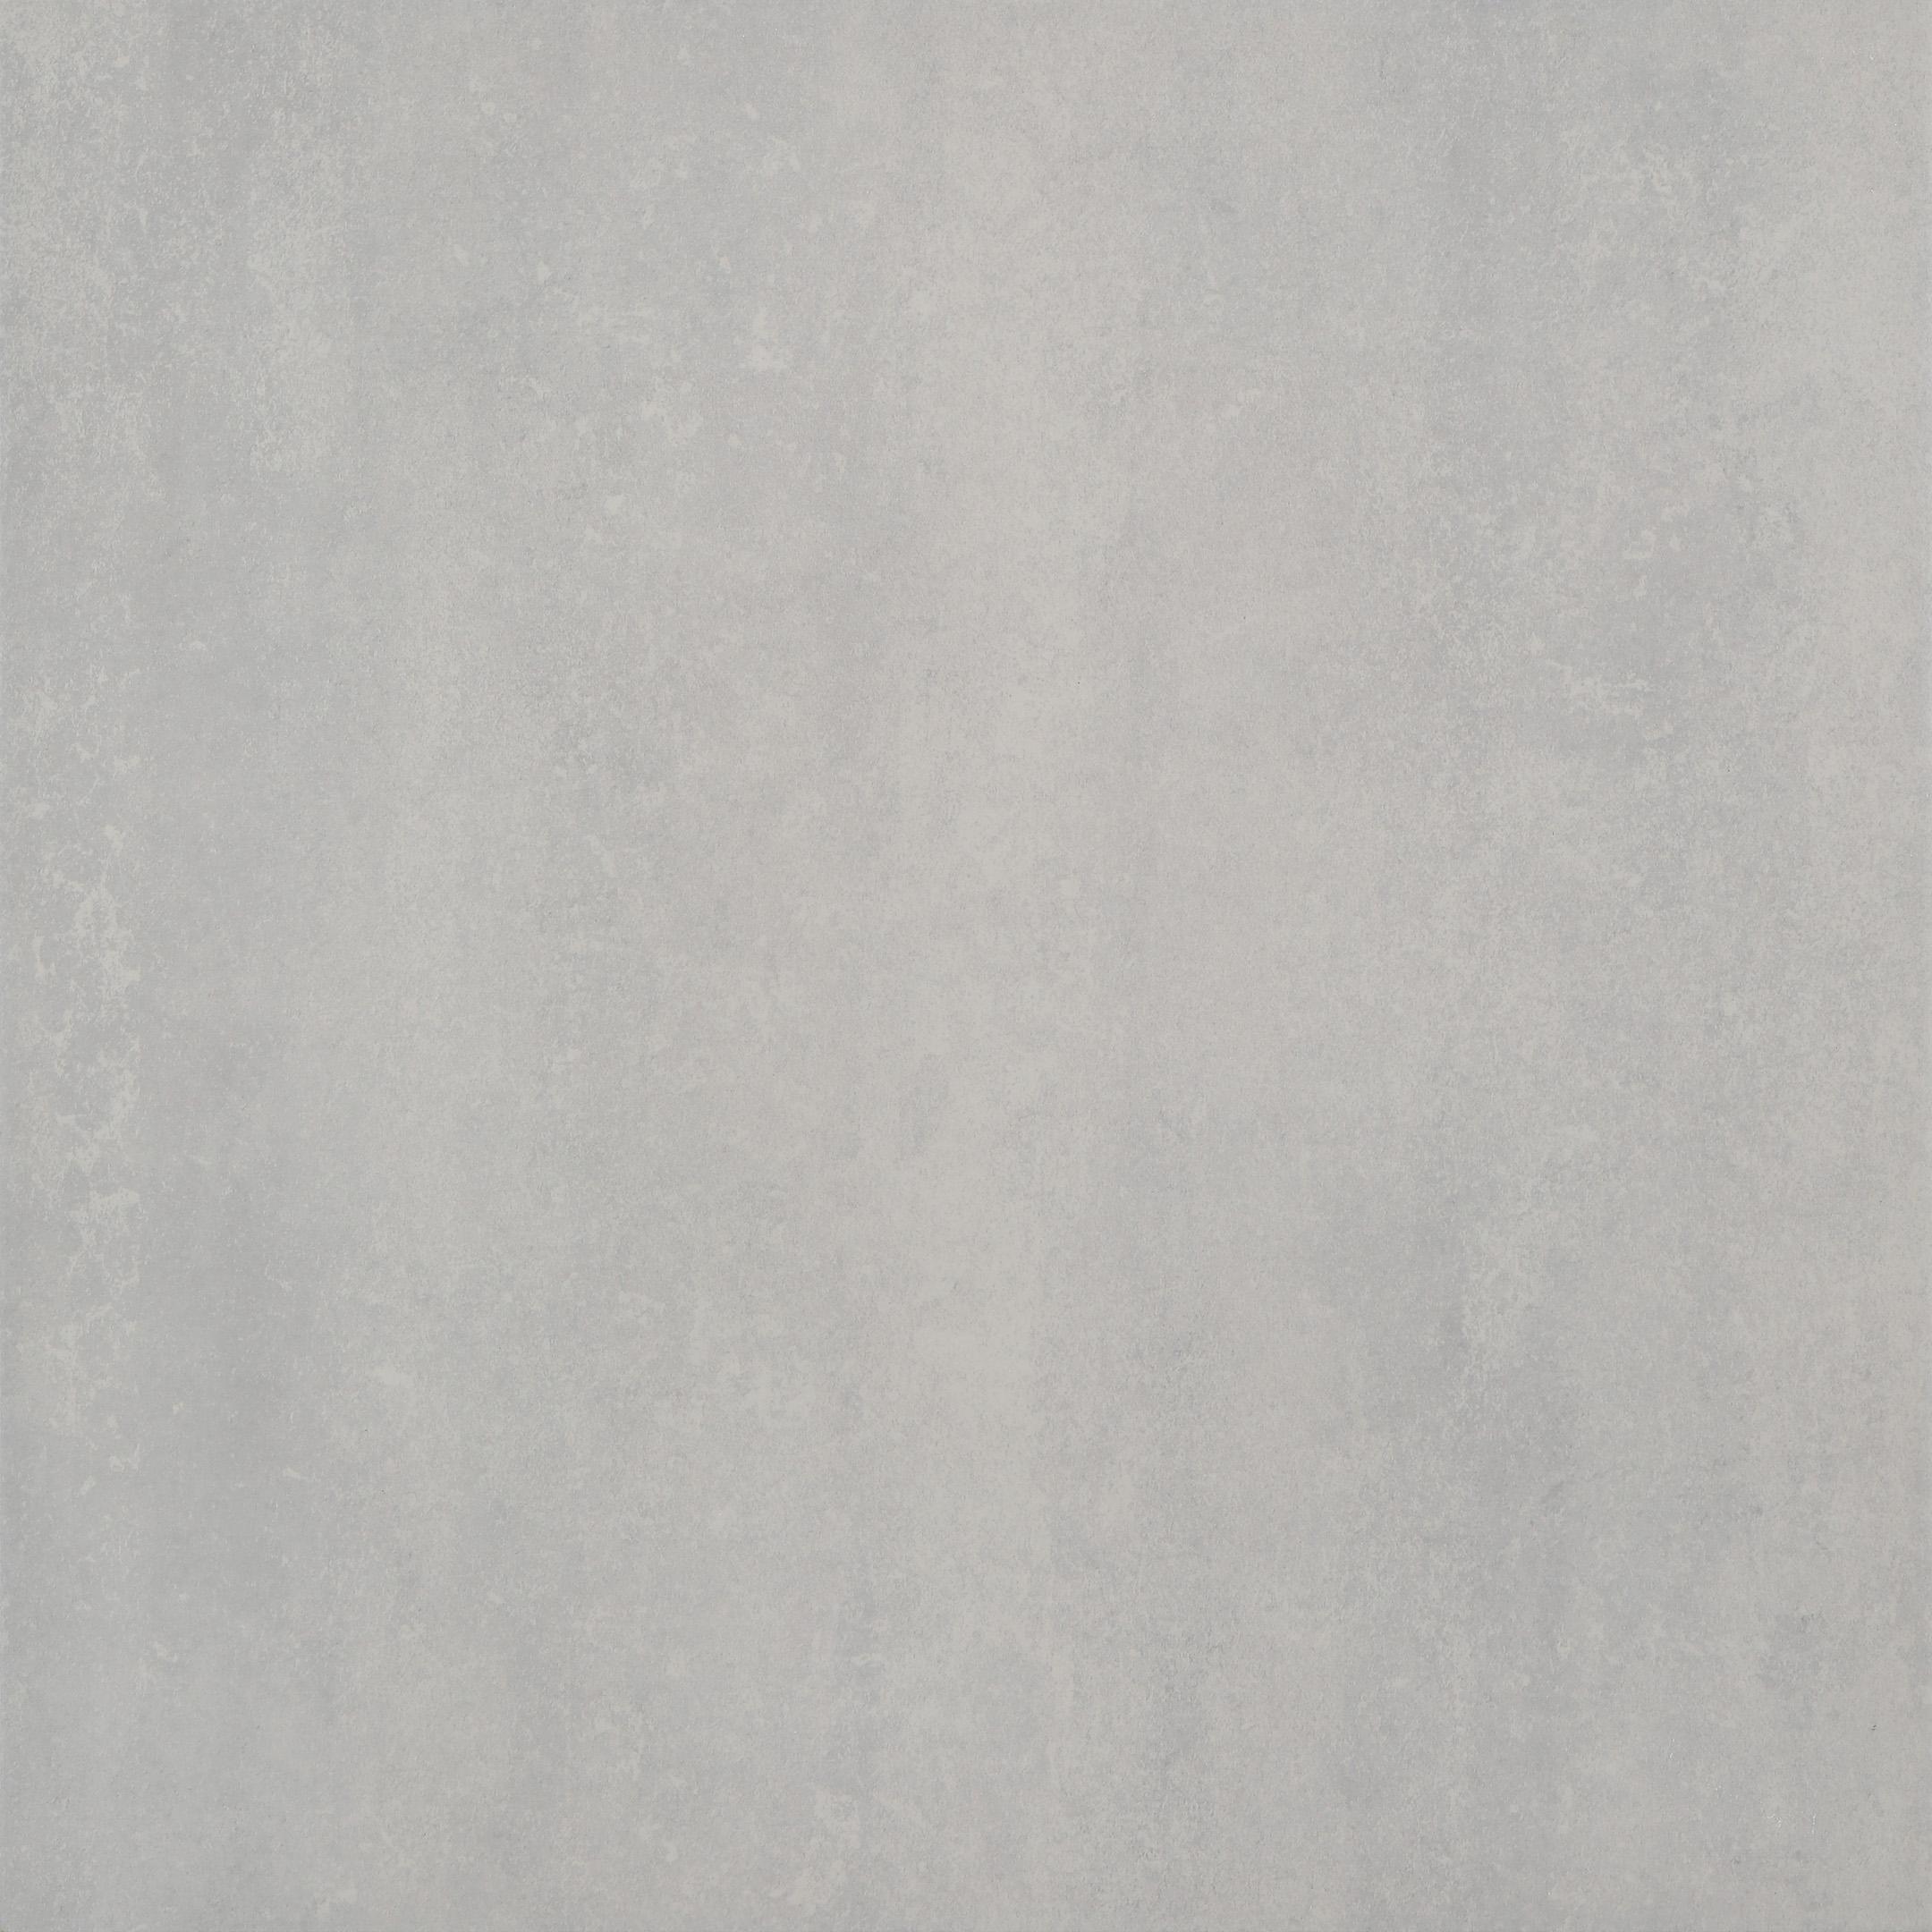 Керамогранит Unitile Картье серый 01 450x450x8 мм (8 шт.=1,62 кв.м)